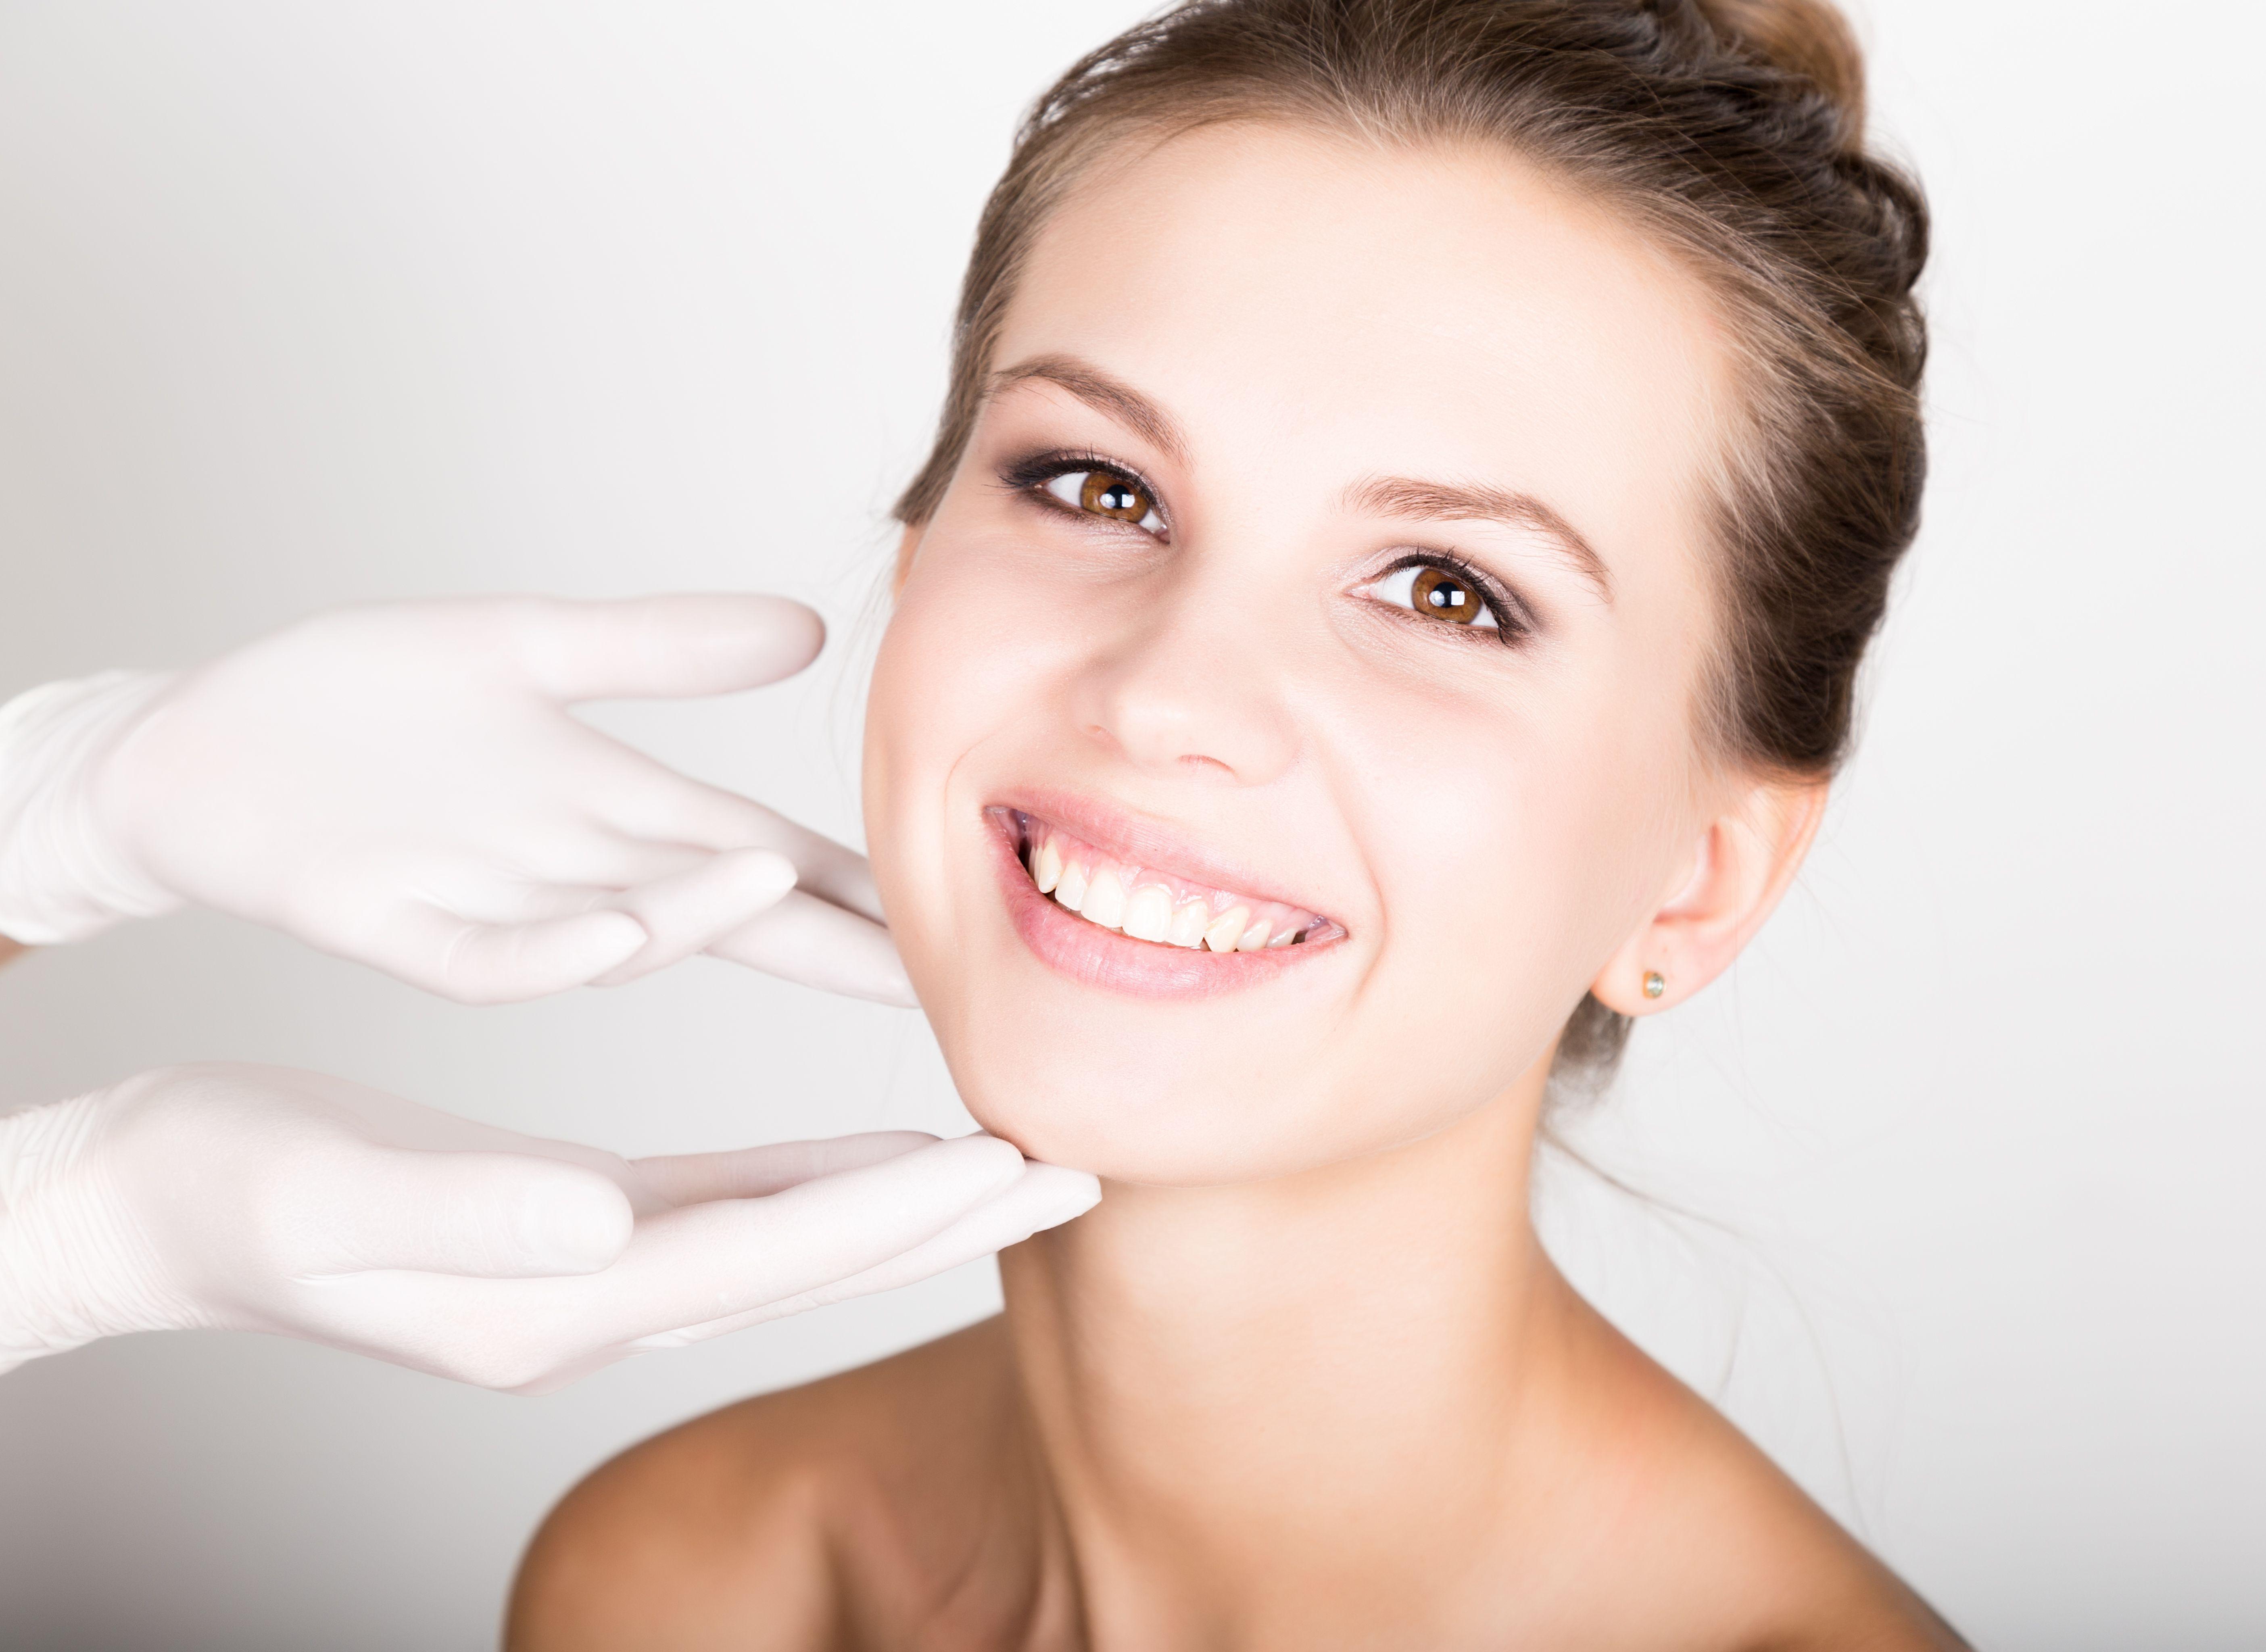 Asesoramiento sobre tratamientos cosméticos en Calafell